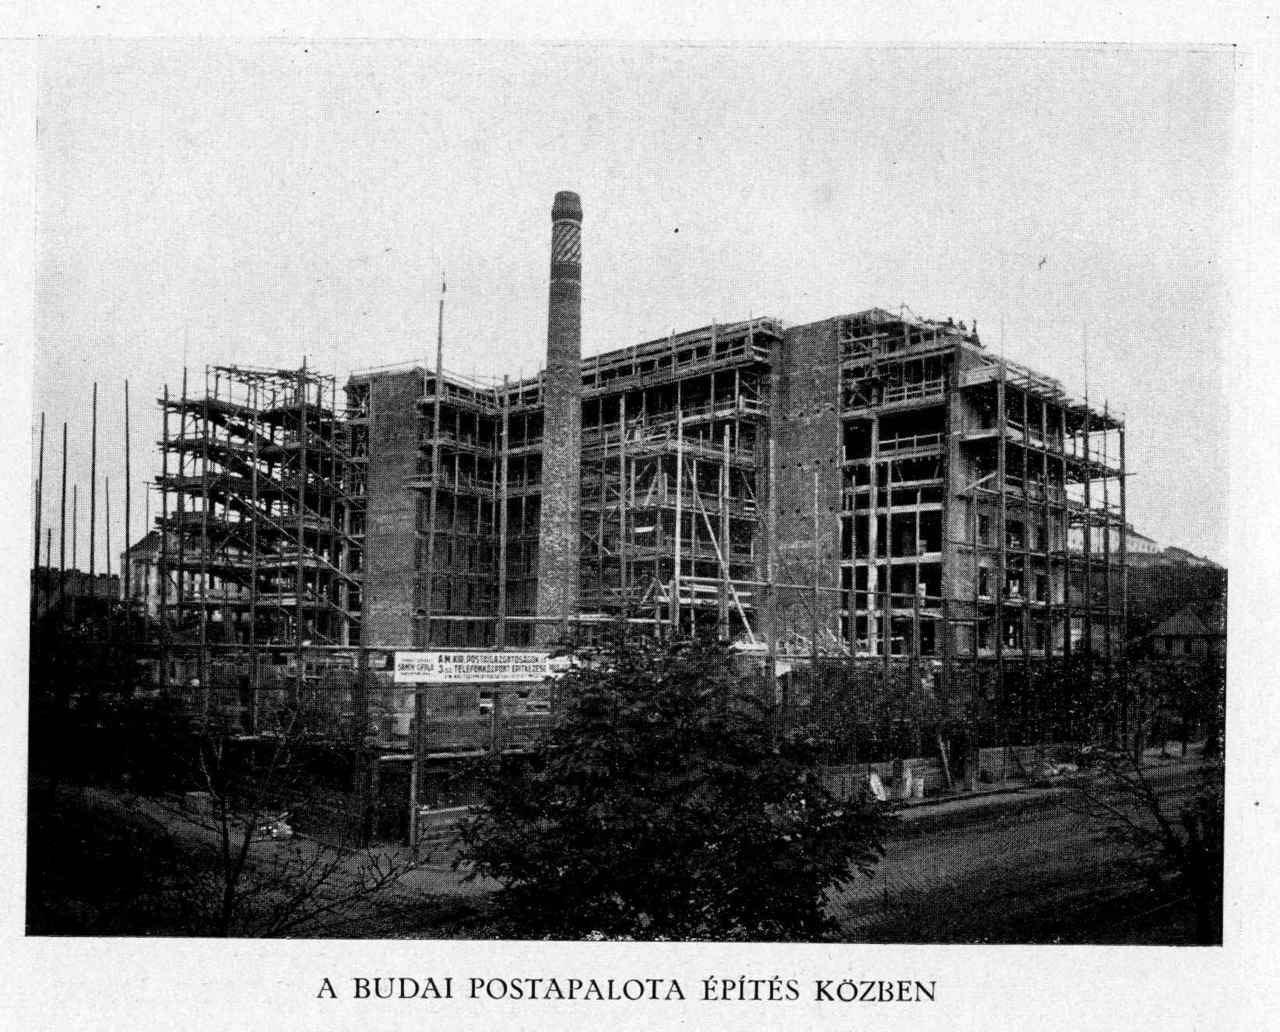 Az épülő központ. Látszik, milyen komoly ipari szerkezete volt, és milyen hatamas kéménye, amit teljesen elrejtett az épület.